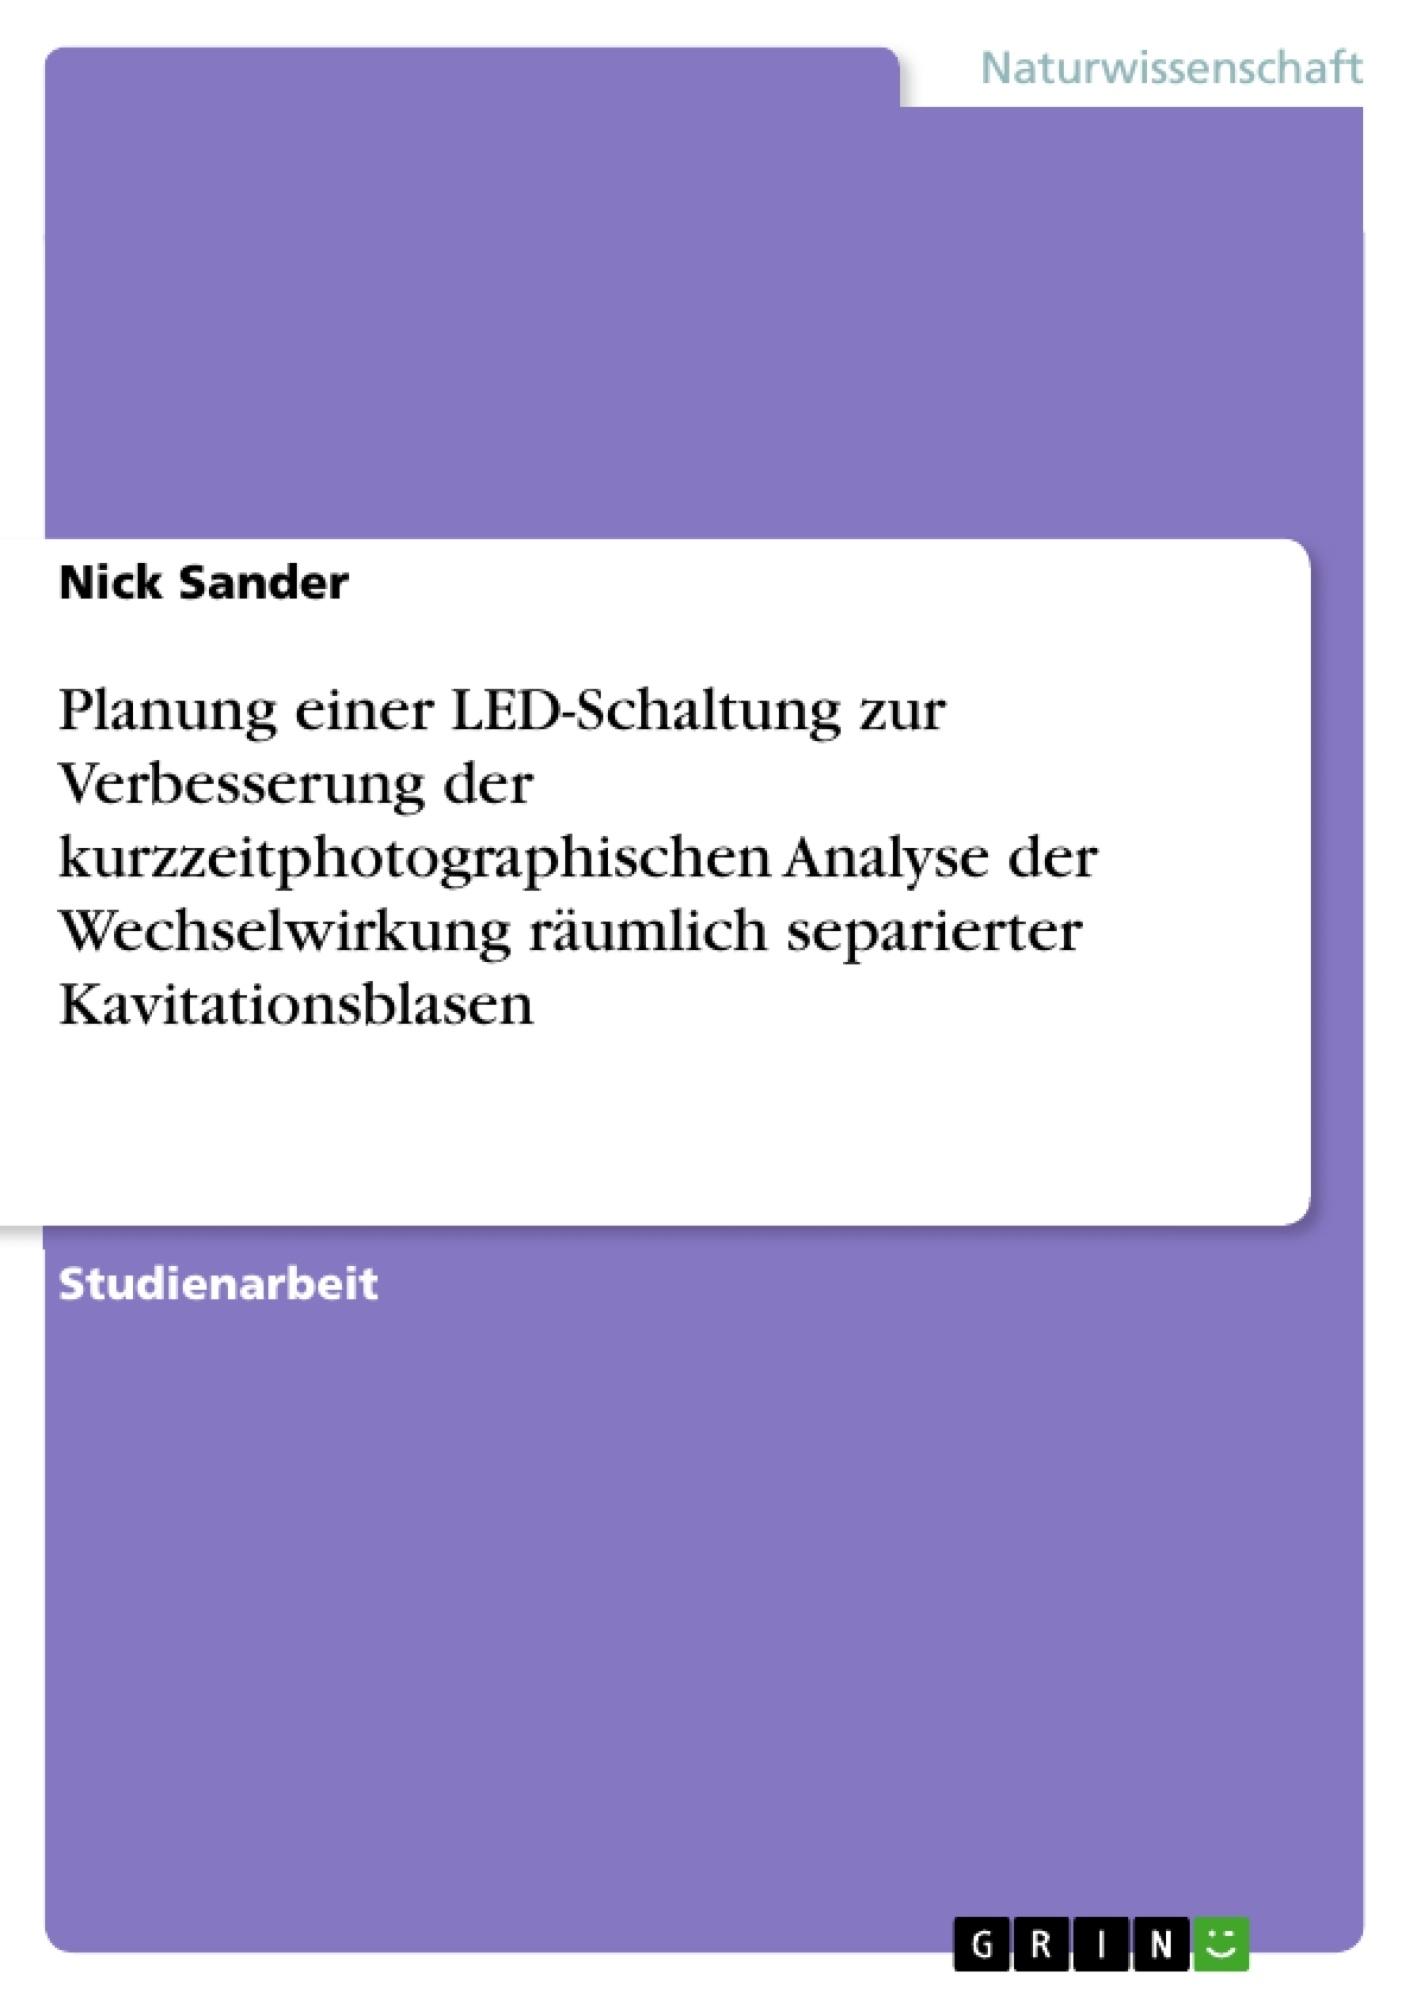 Titel: Planung einer LED-Schaltung zur Verbesserung der kurzzeitphotographischen Analyse der Wechselwirkung räumlich separierter Kavitationsblasen